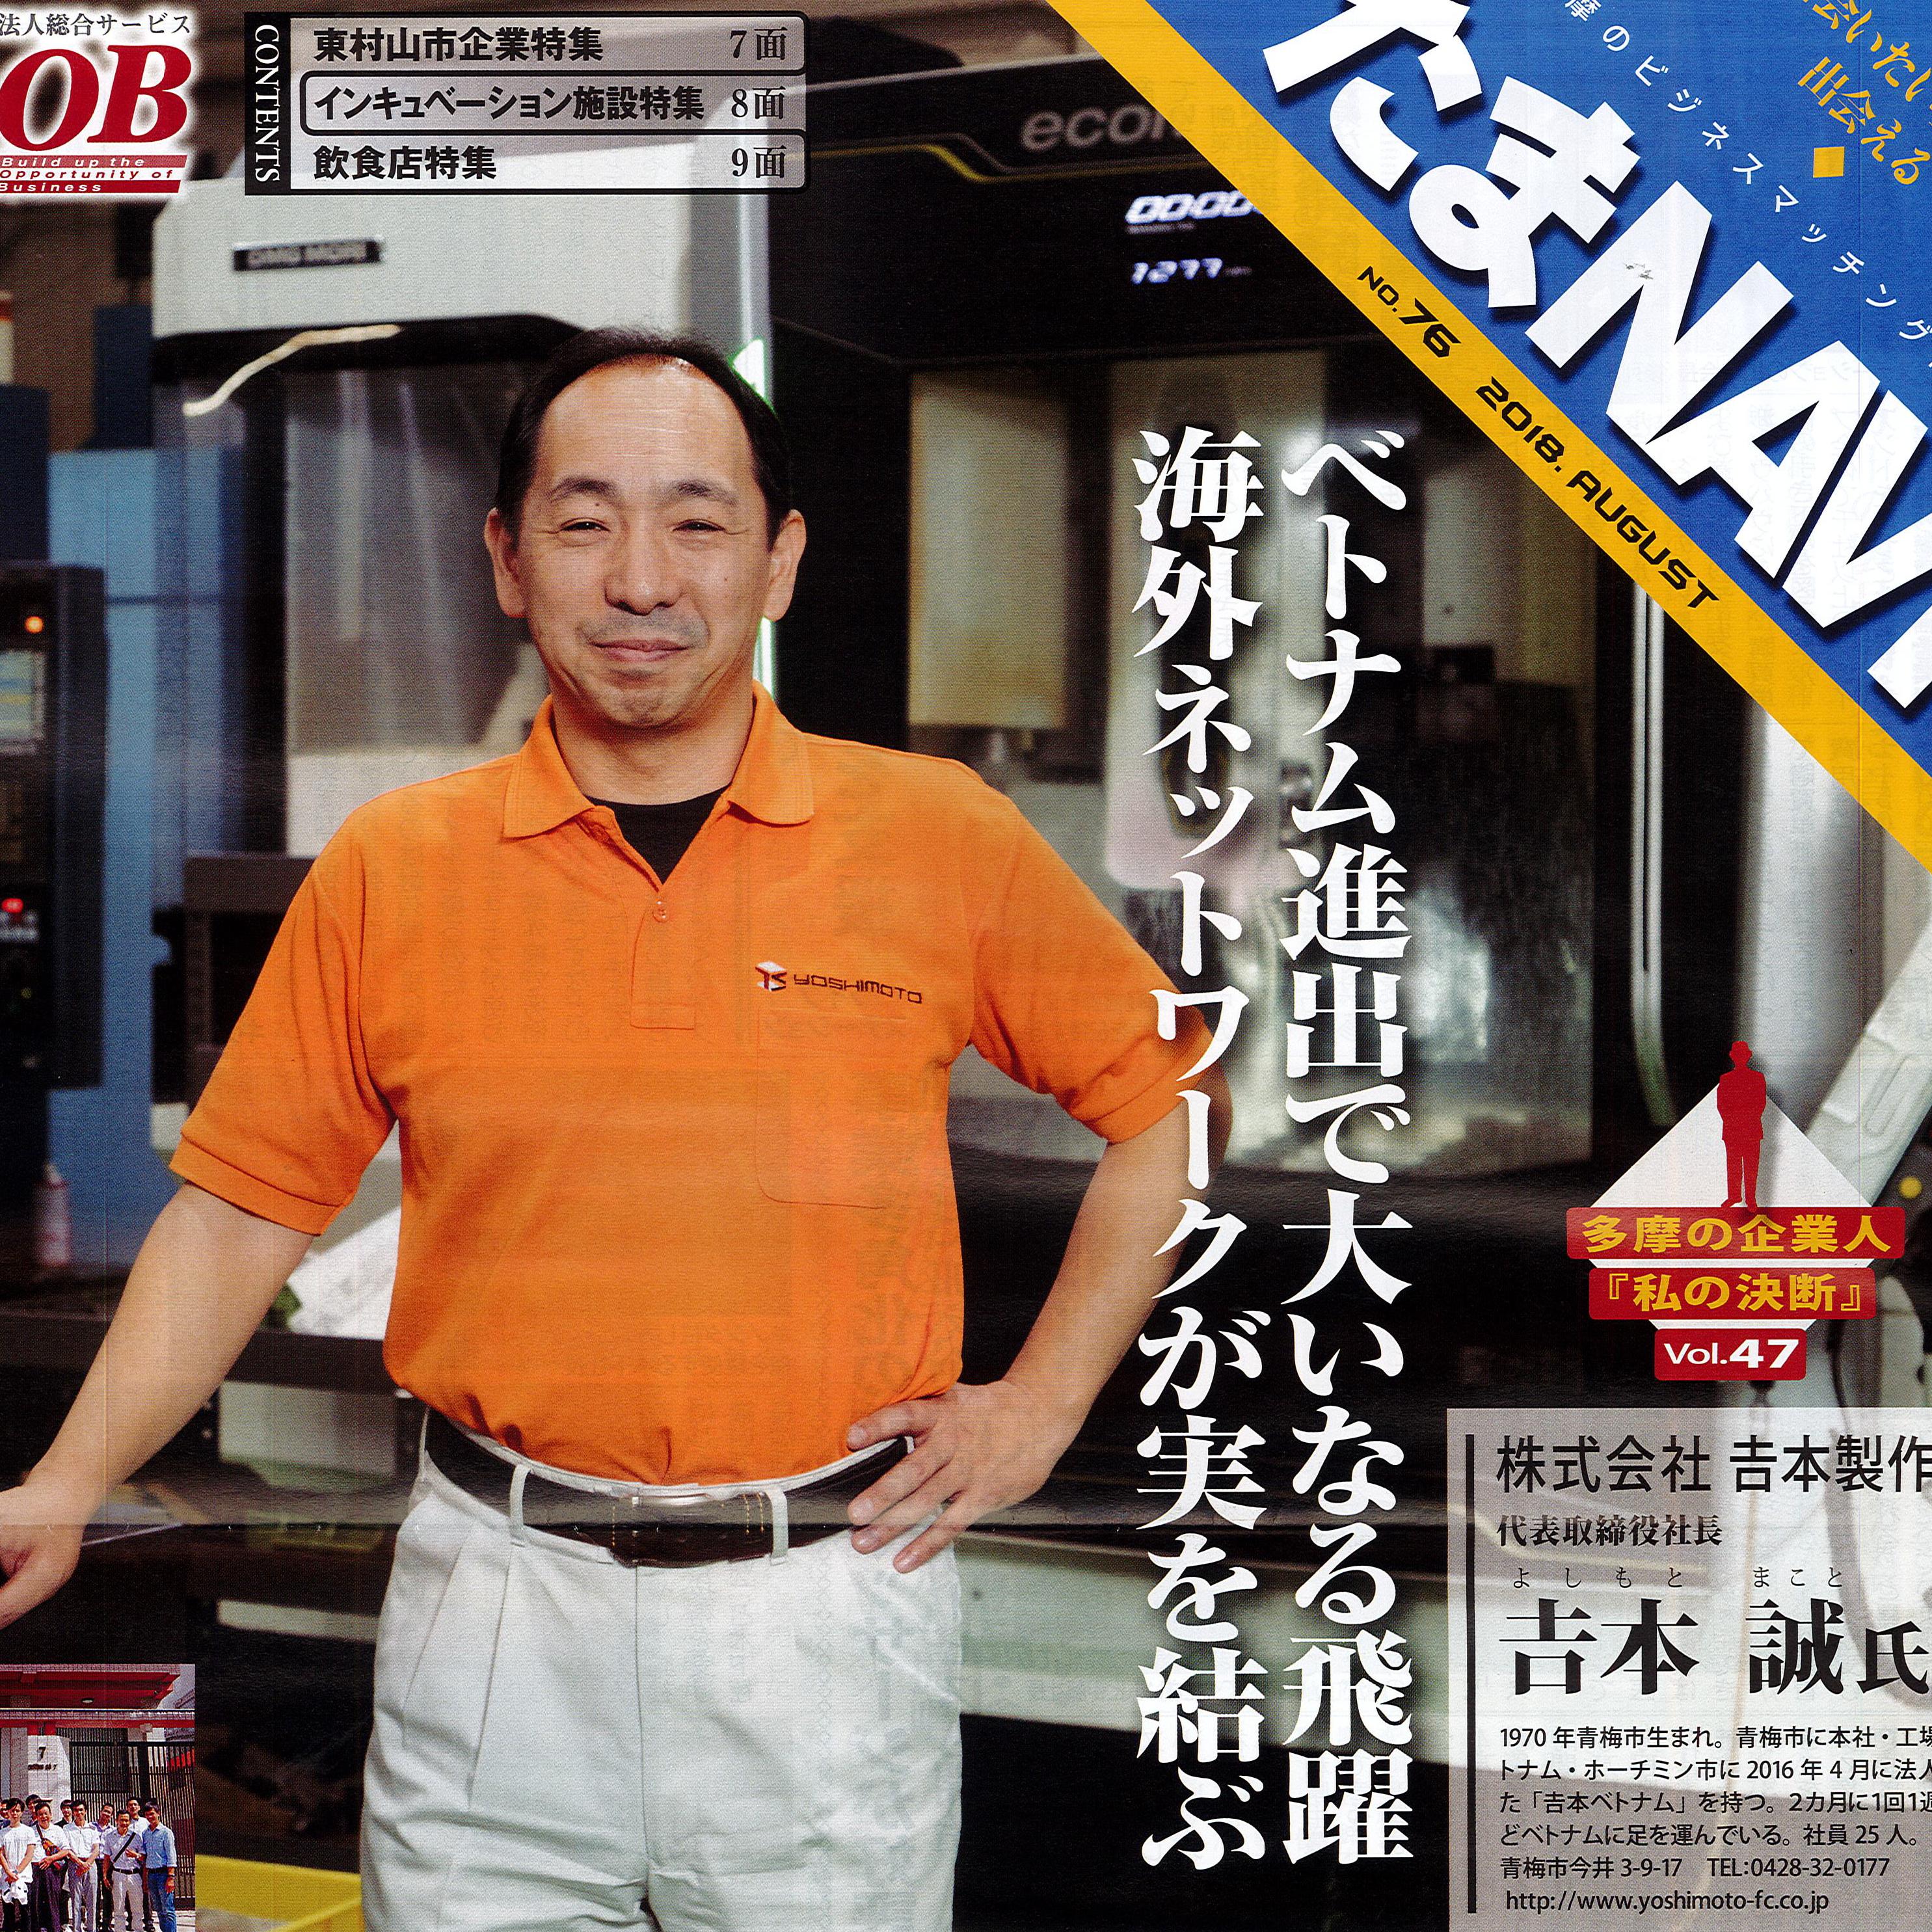 たましん(多摩信用金庫) ビジネス冊子 たまNAVI No76 多摩の企業人『私の決断』Vol.47  巻頭ページに紹介されました。